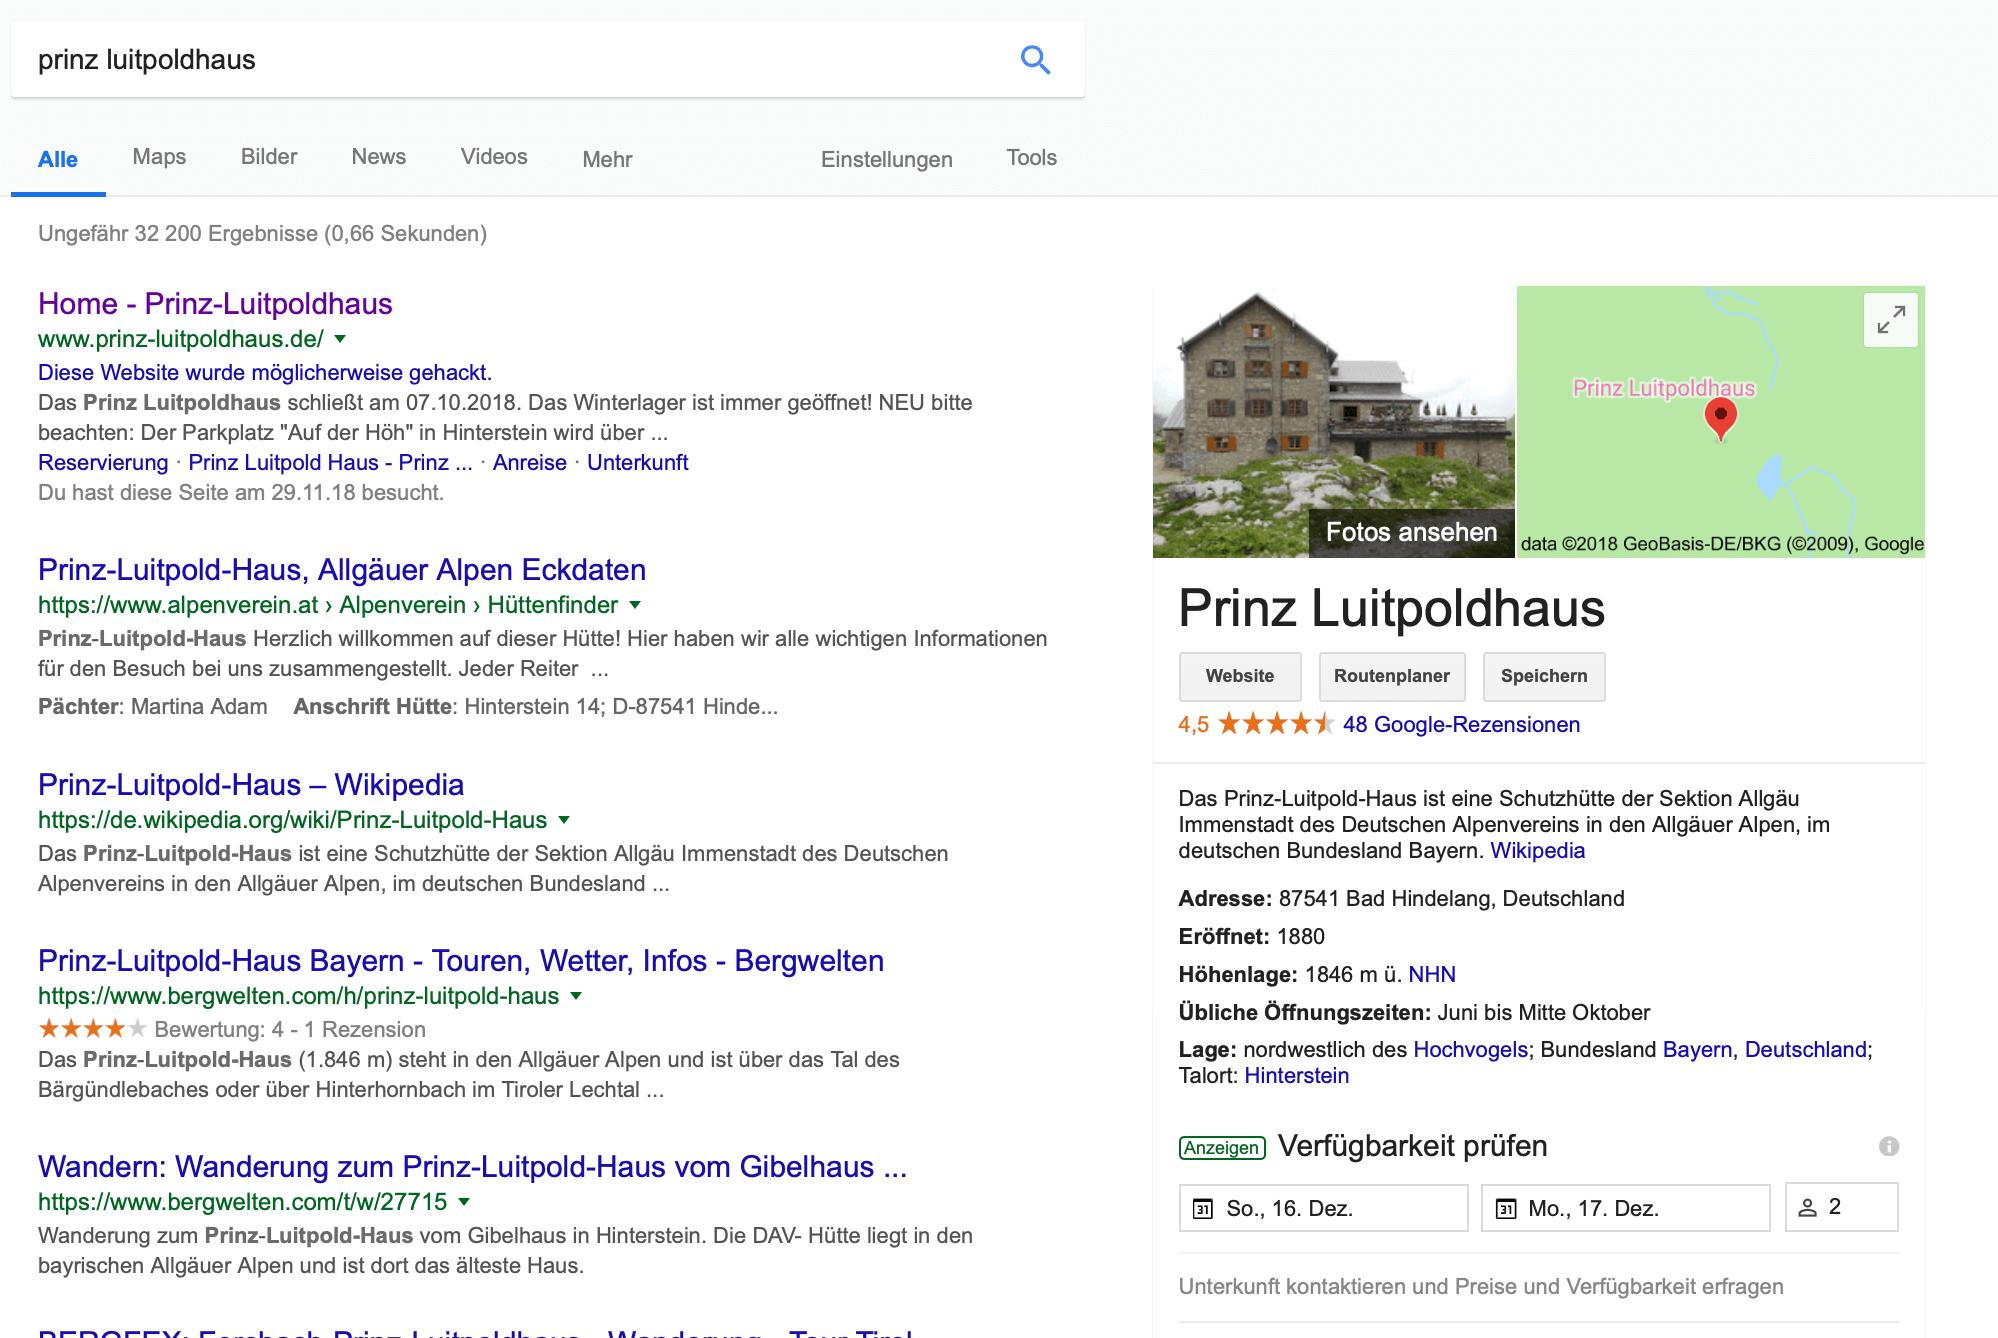 Darstellung Google My Business Seite in der Google Suche I alpinonline